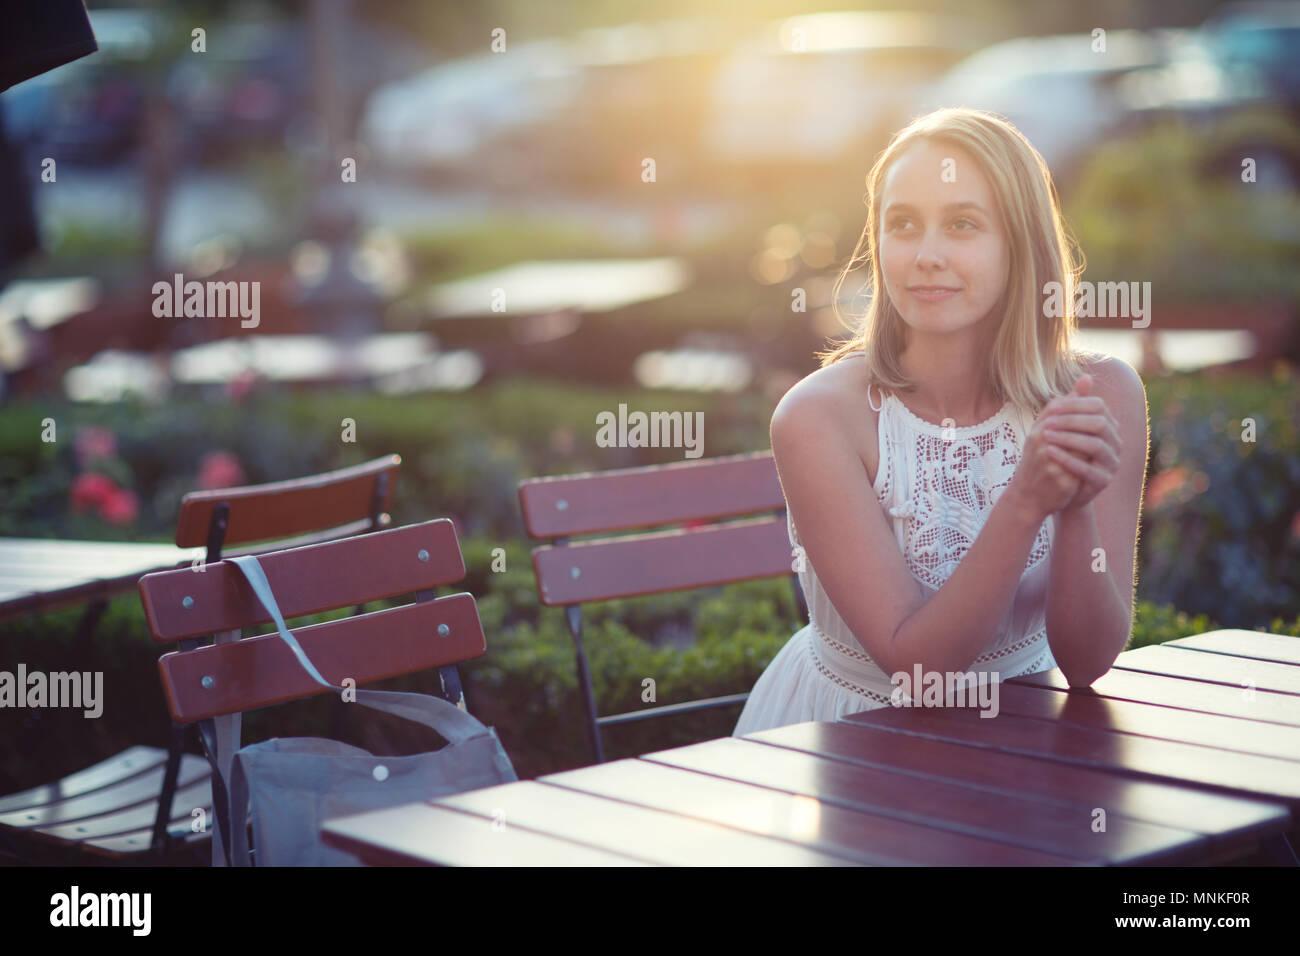 Schöne kaukasische Frau am Tisch sitzen Stockfoto